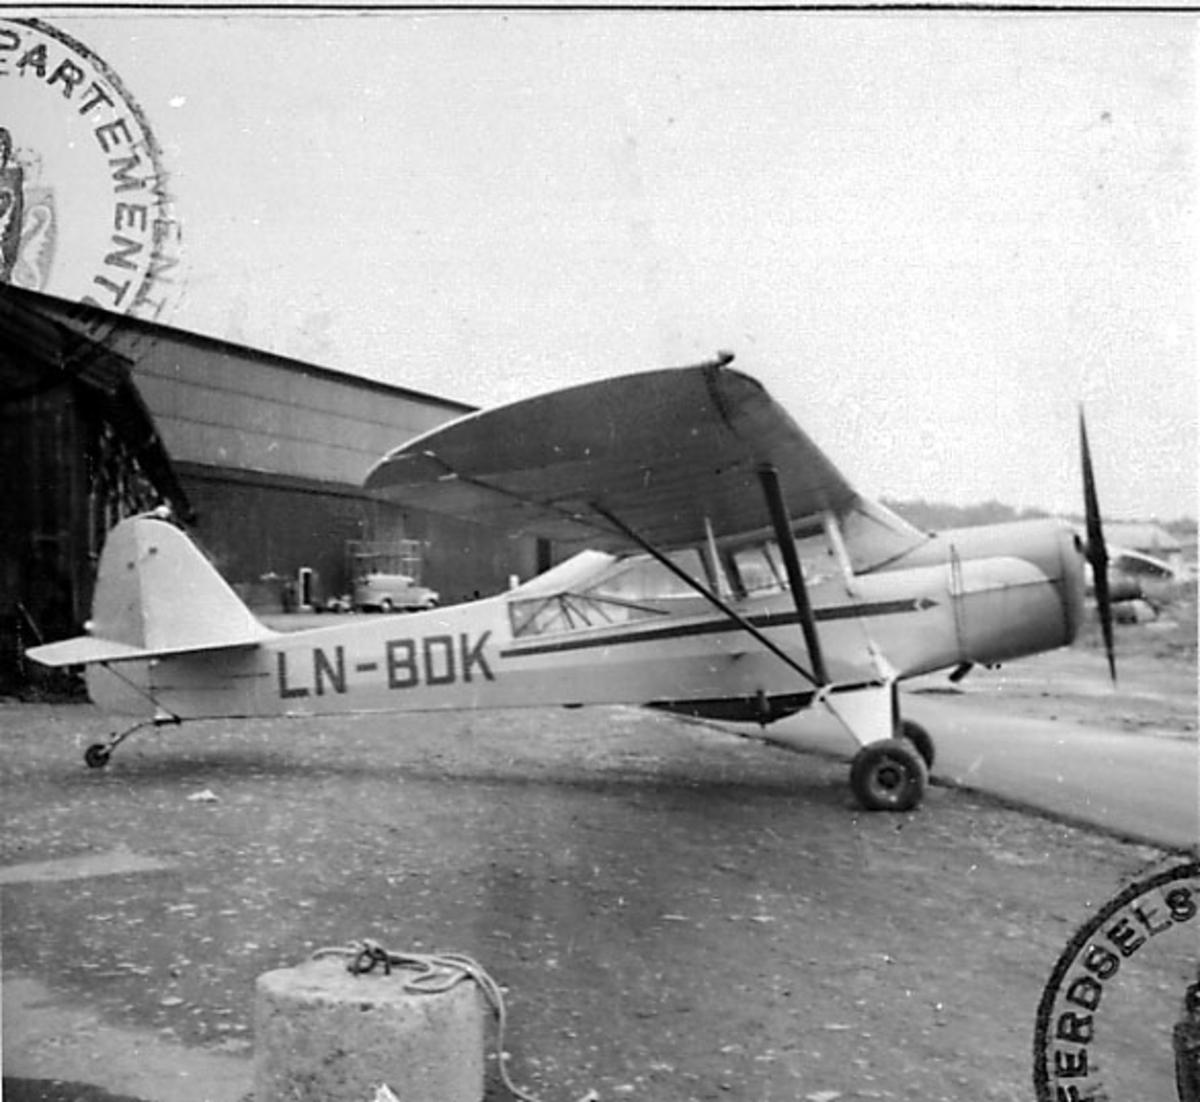 1 fly på bakken, Auster V LN-BDK fra Telemark Flyselskap A/S. Bygning bak.